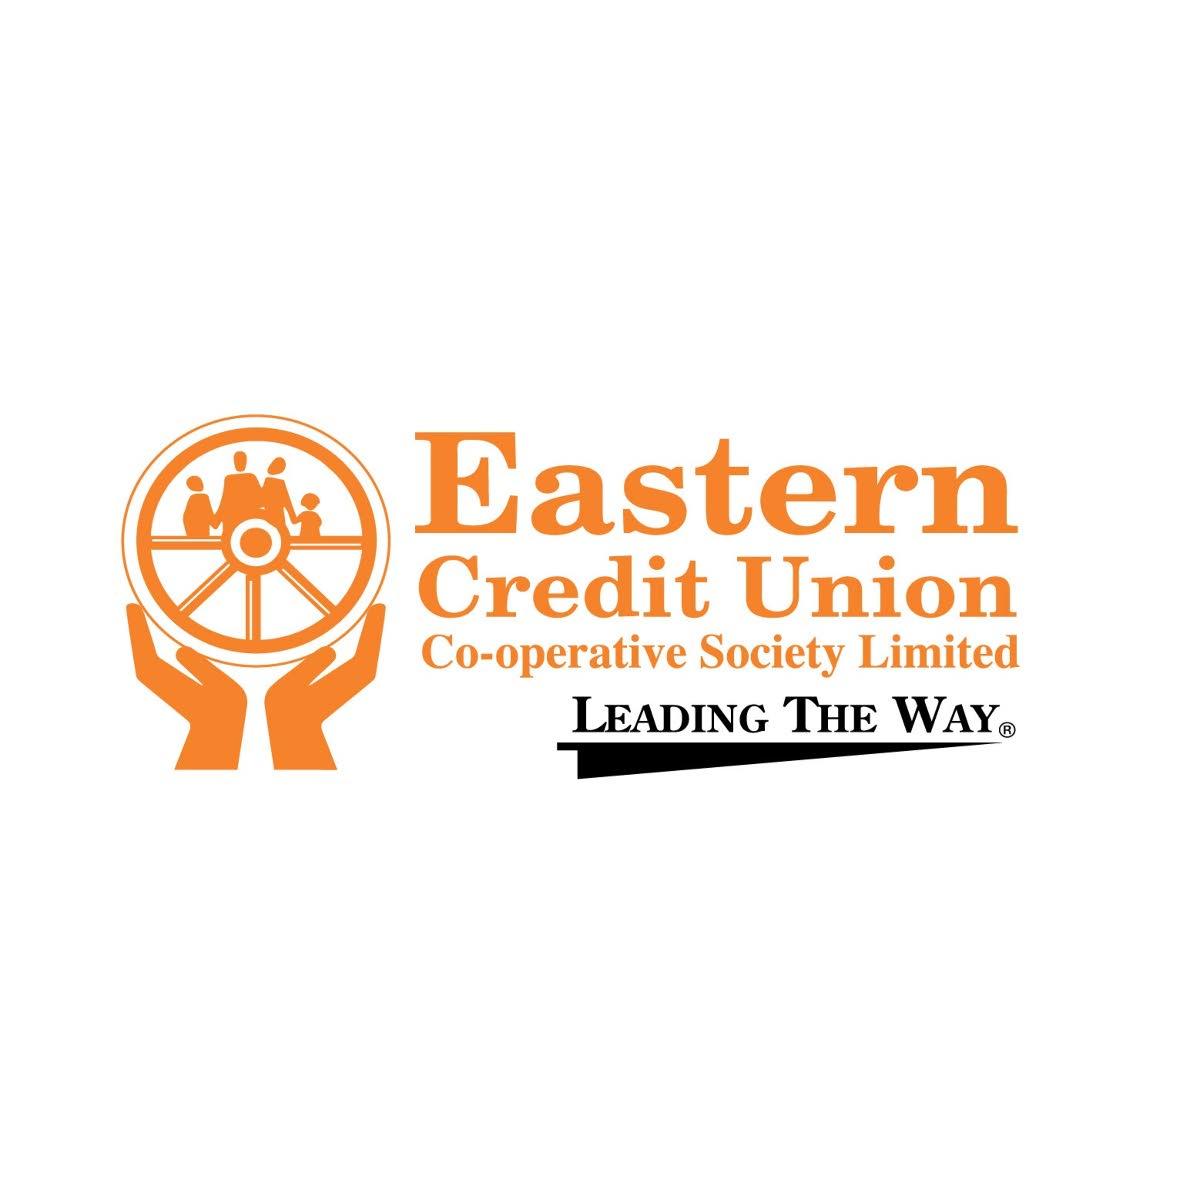 Eastern Credit Union logo